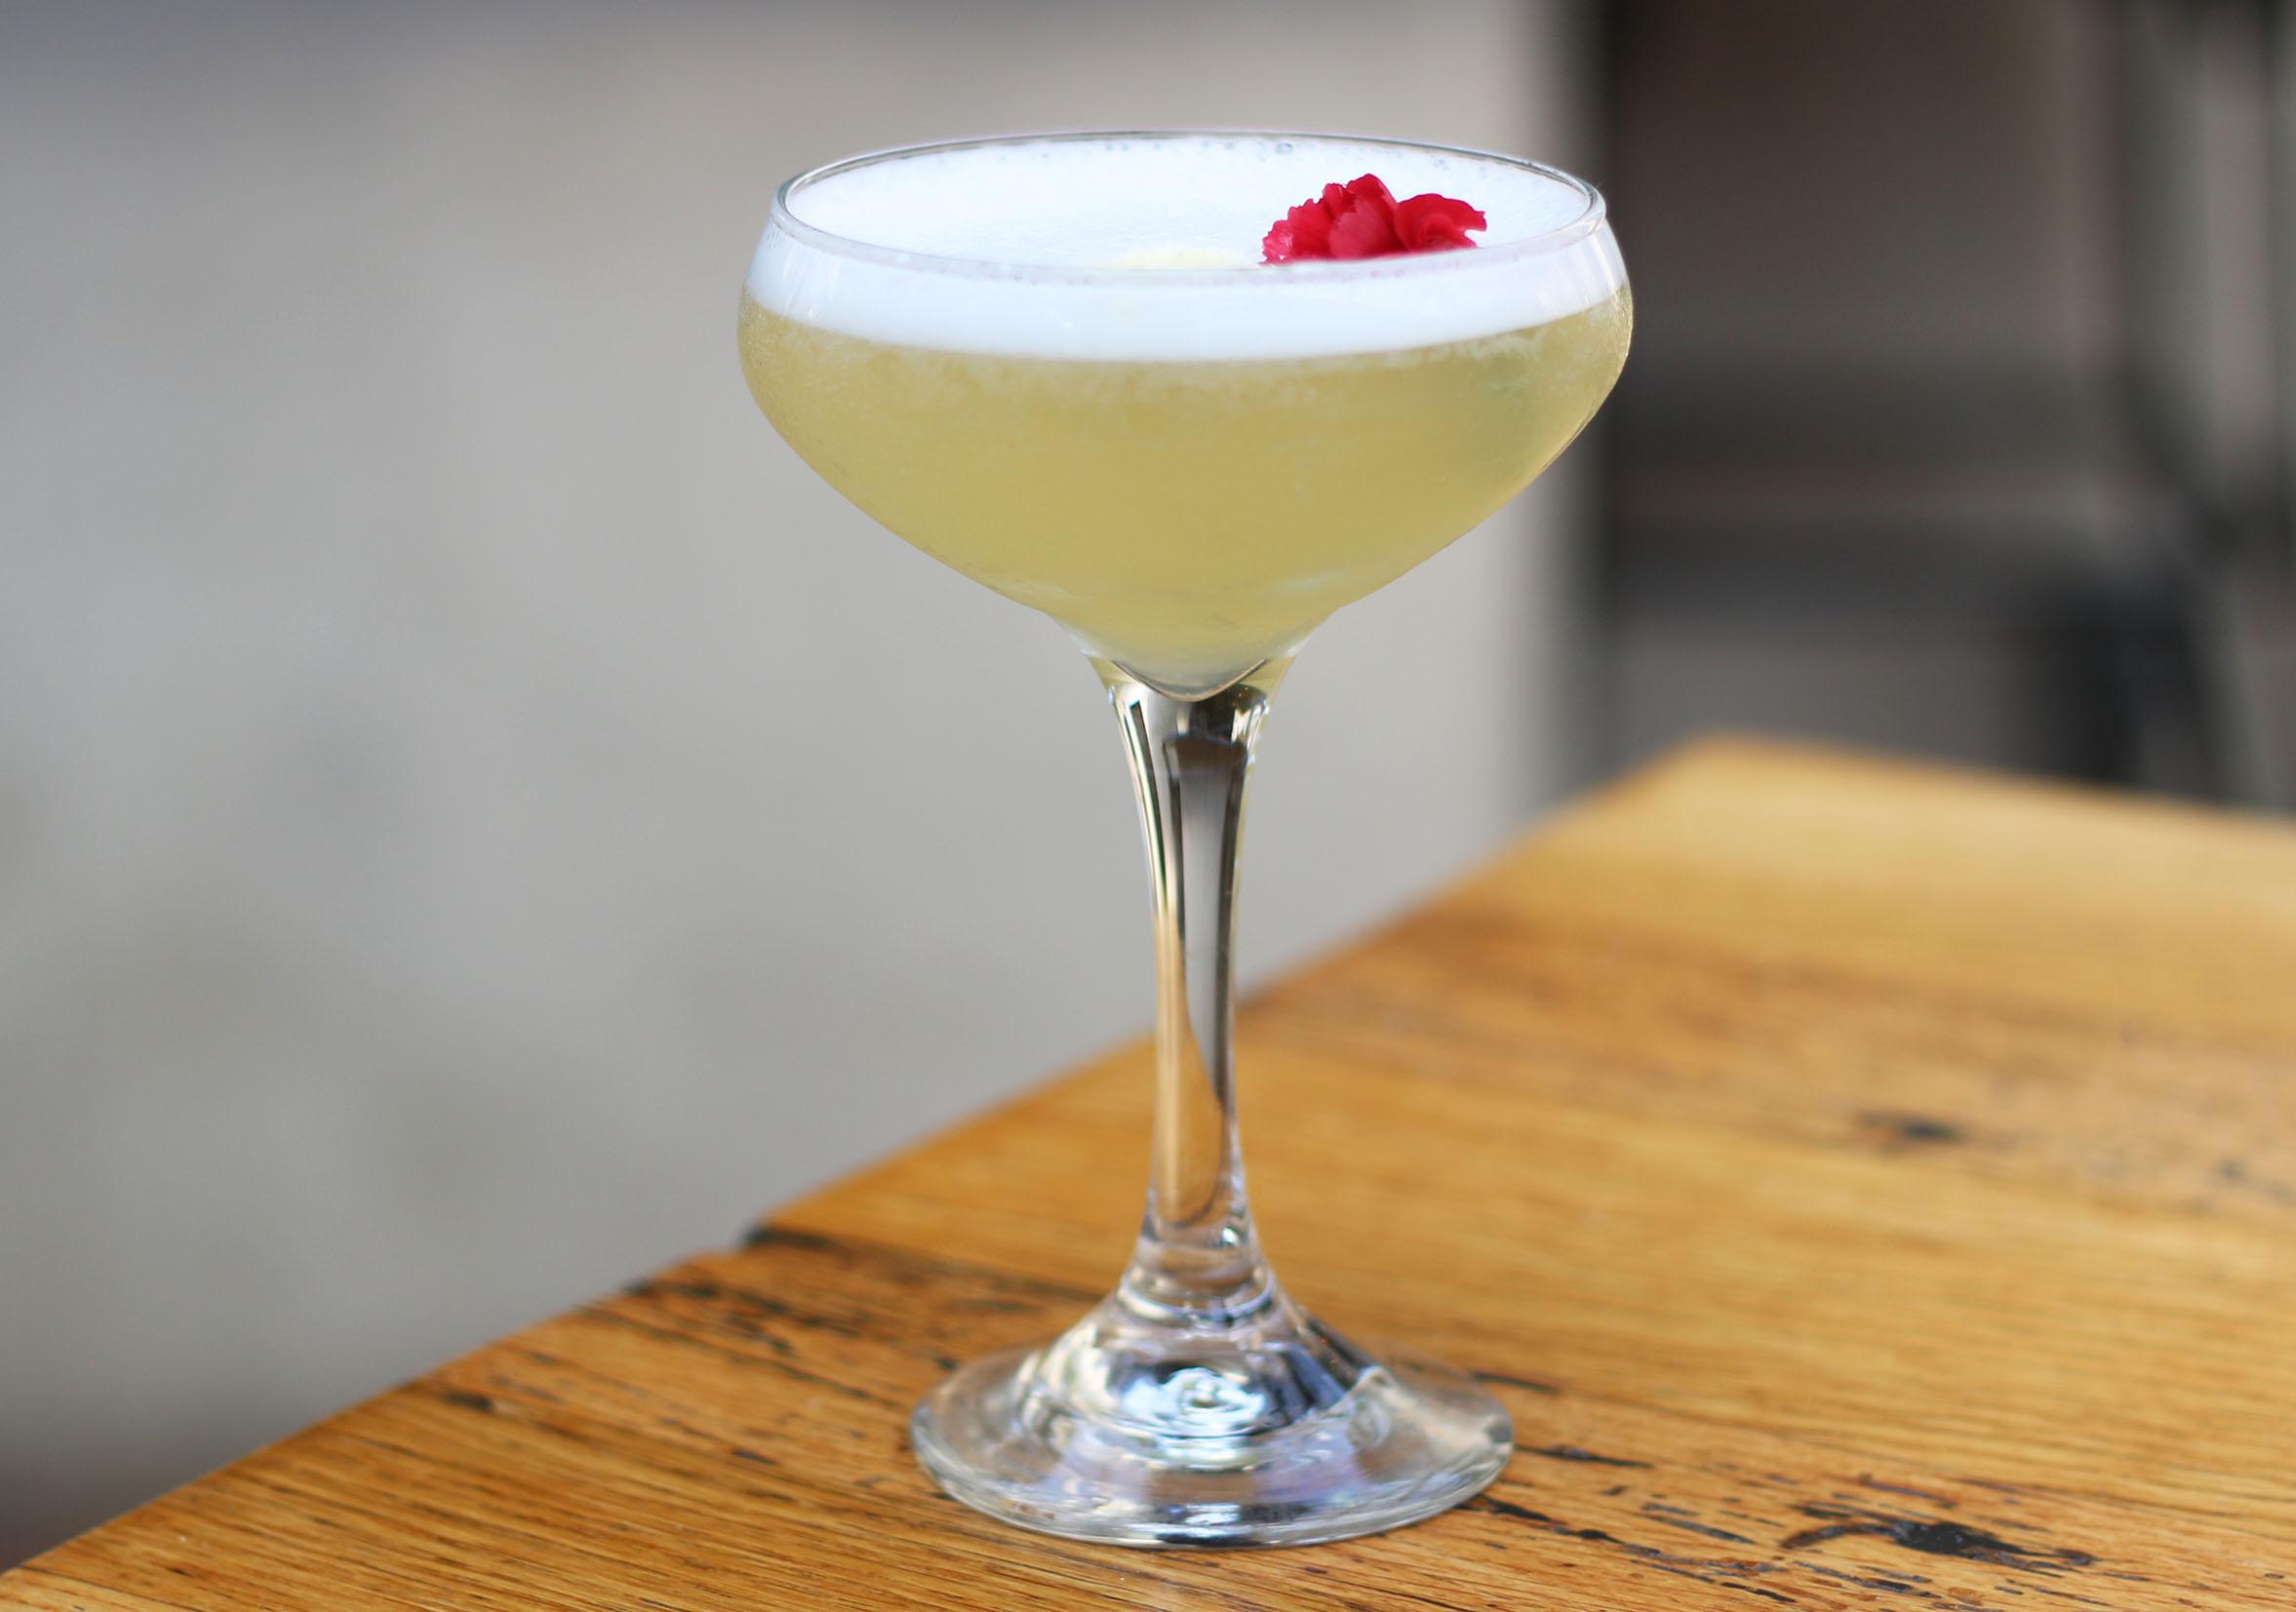 The Pineapple Express: Vodka, Elderflower, Lemon, Pineapple